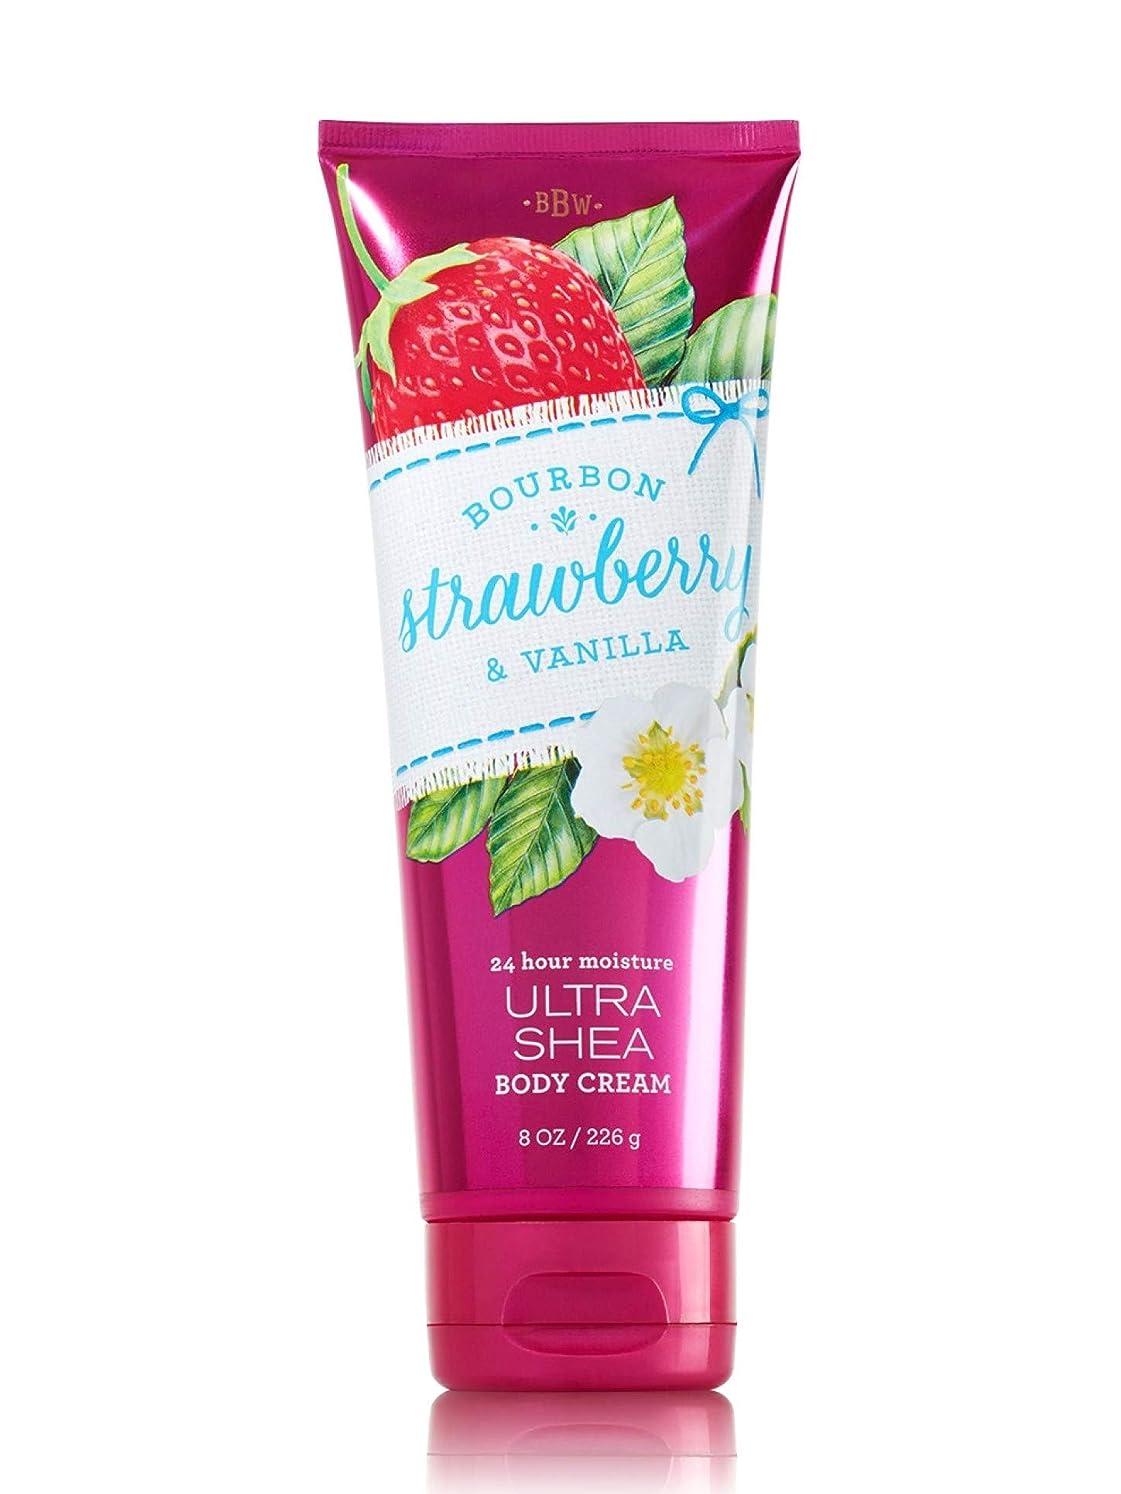 補助金グラム注文【Bath&Body Works/バス&ボディワークス】 ボディクリーム ブルボンストロベリー&バニラ Body Cream Bourbon Strawberry & Vanilla 8 oz / 226 g [並行輸入品]